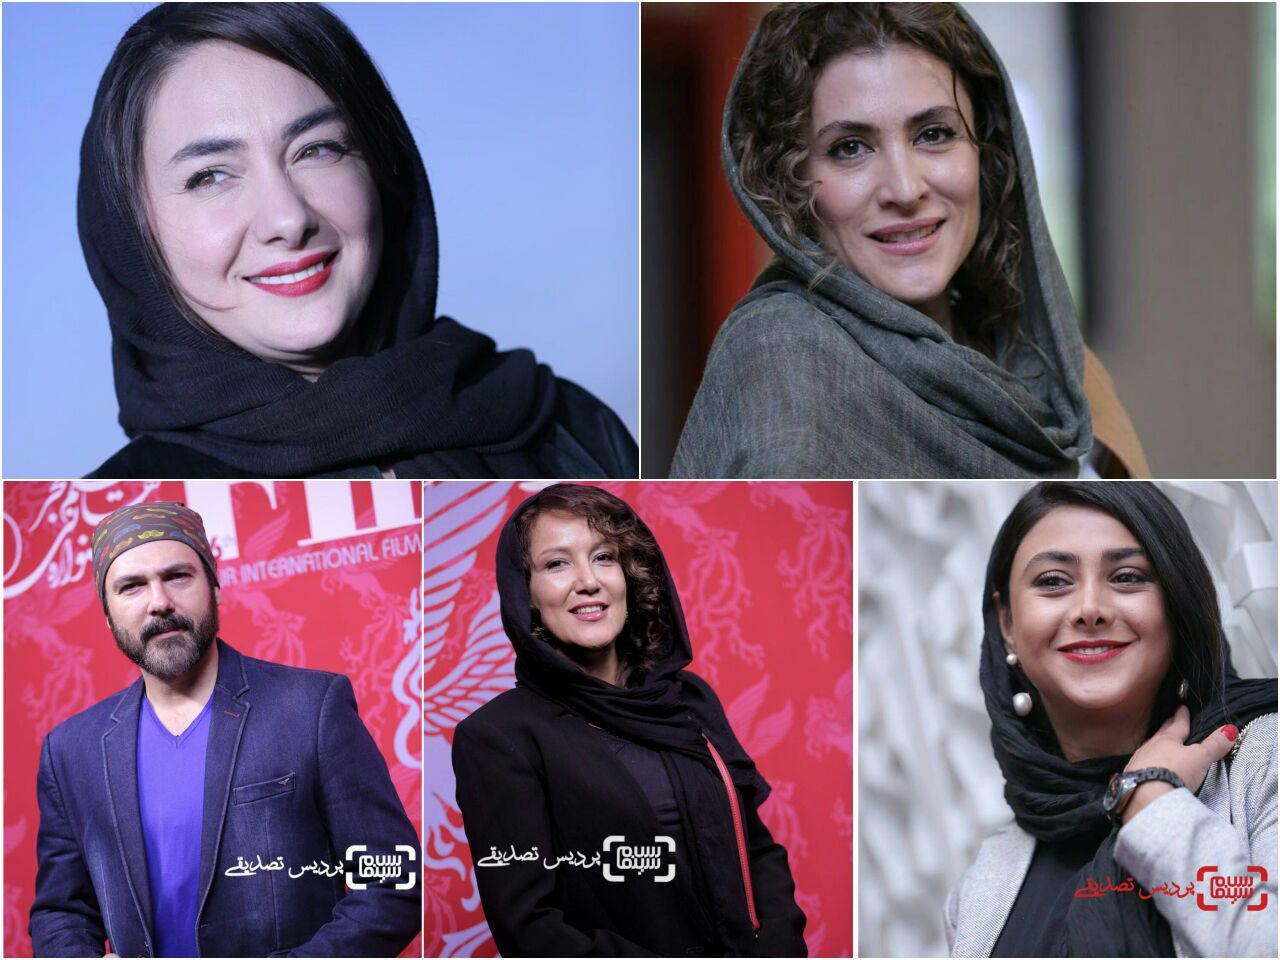 گزارش تصویری از روز پنجم سی و ششمین جشنواره جهانی فیلم فجر